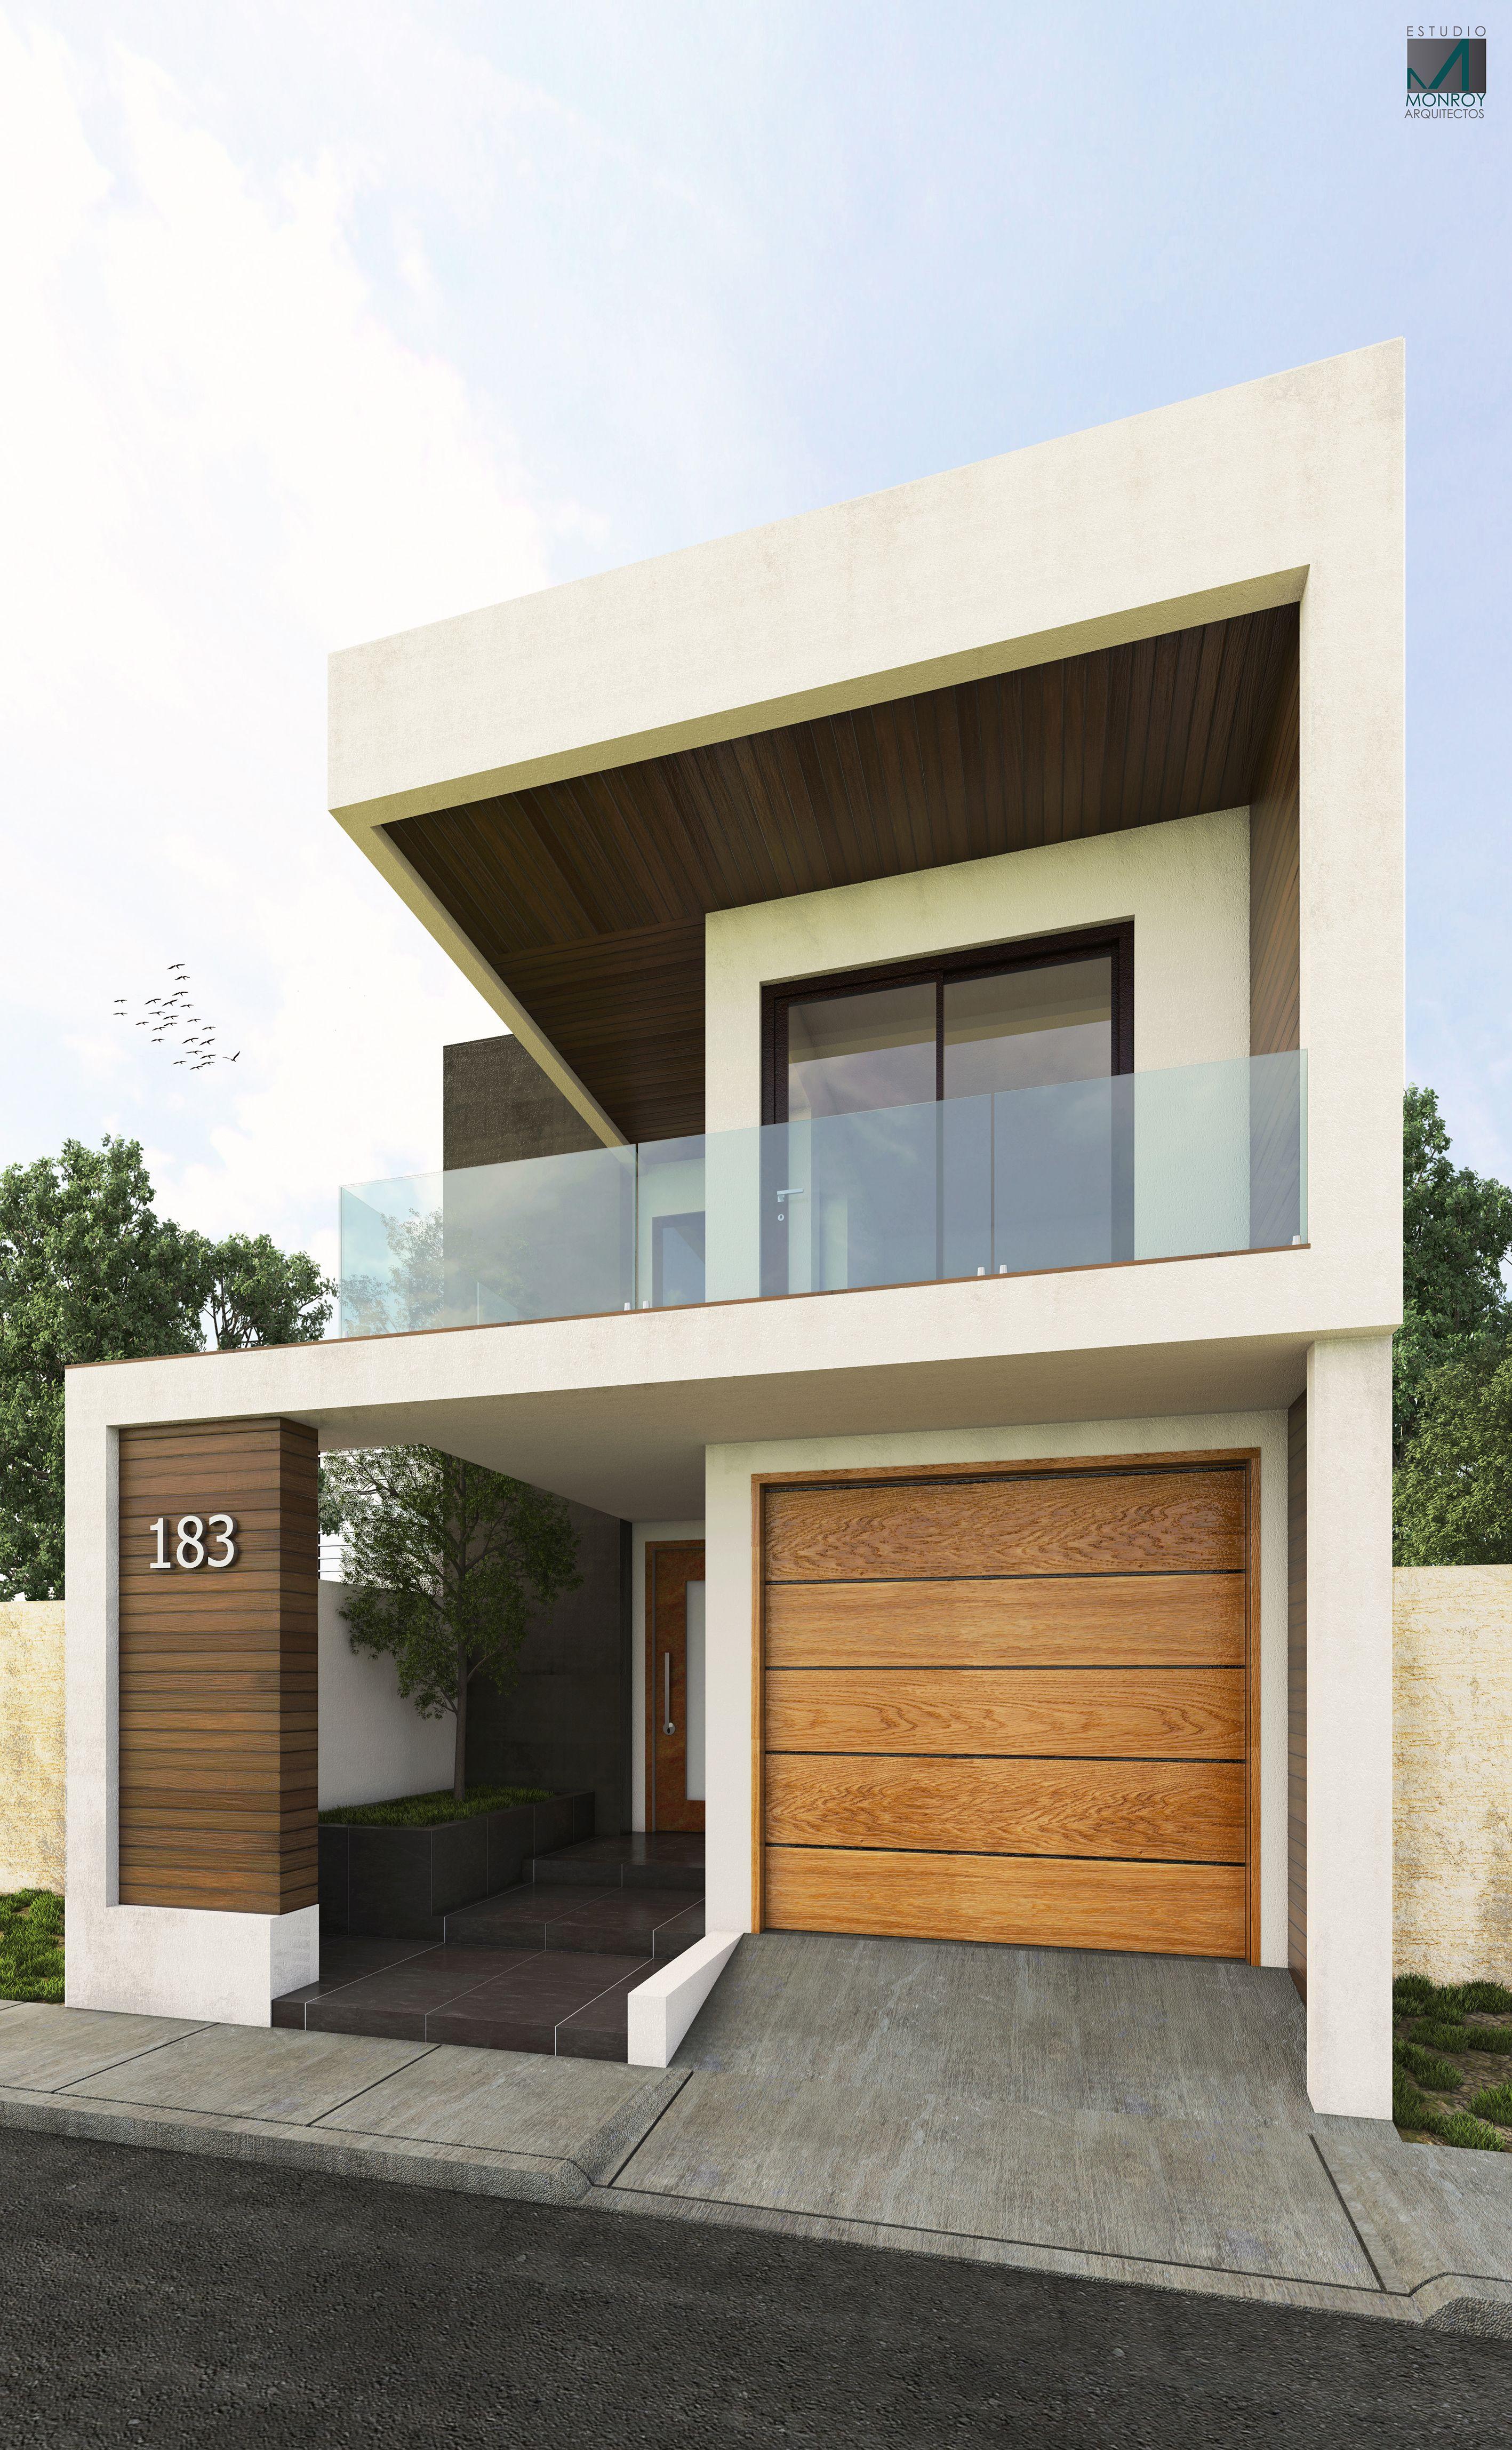 Fachada contempor nea 1 arquitecturacontemporane for Remodelacion de casas